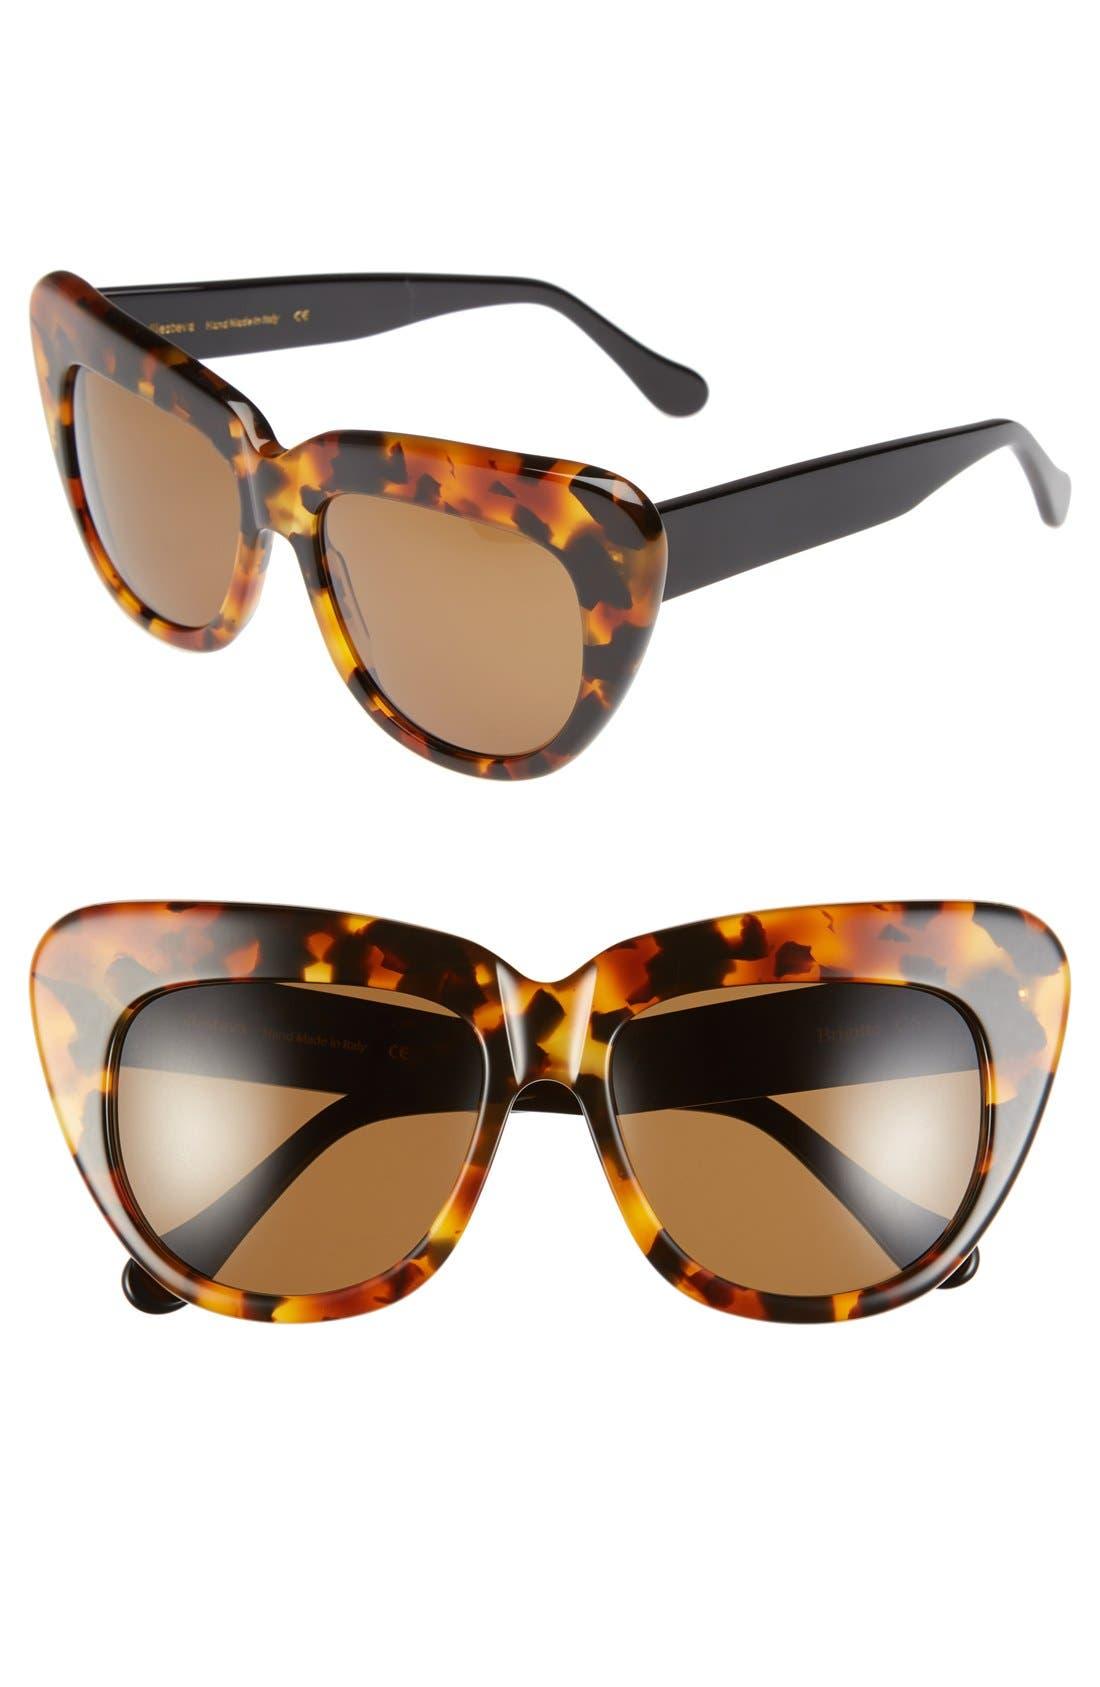 Main Image - Illesteva 'Brigitte' 55mm Retro Sunglasses